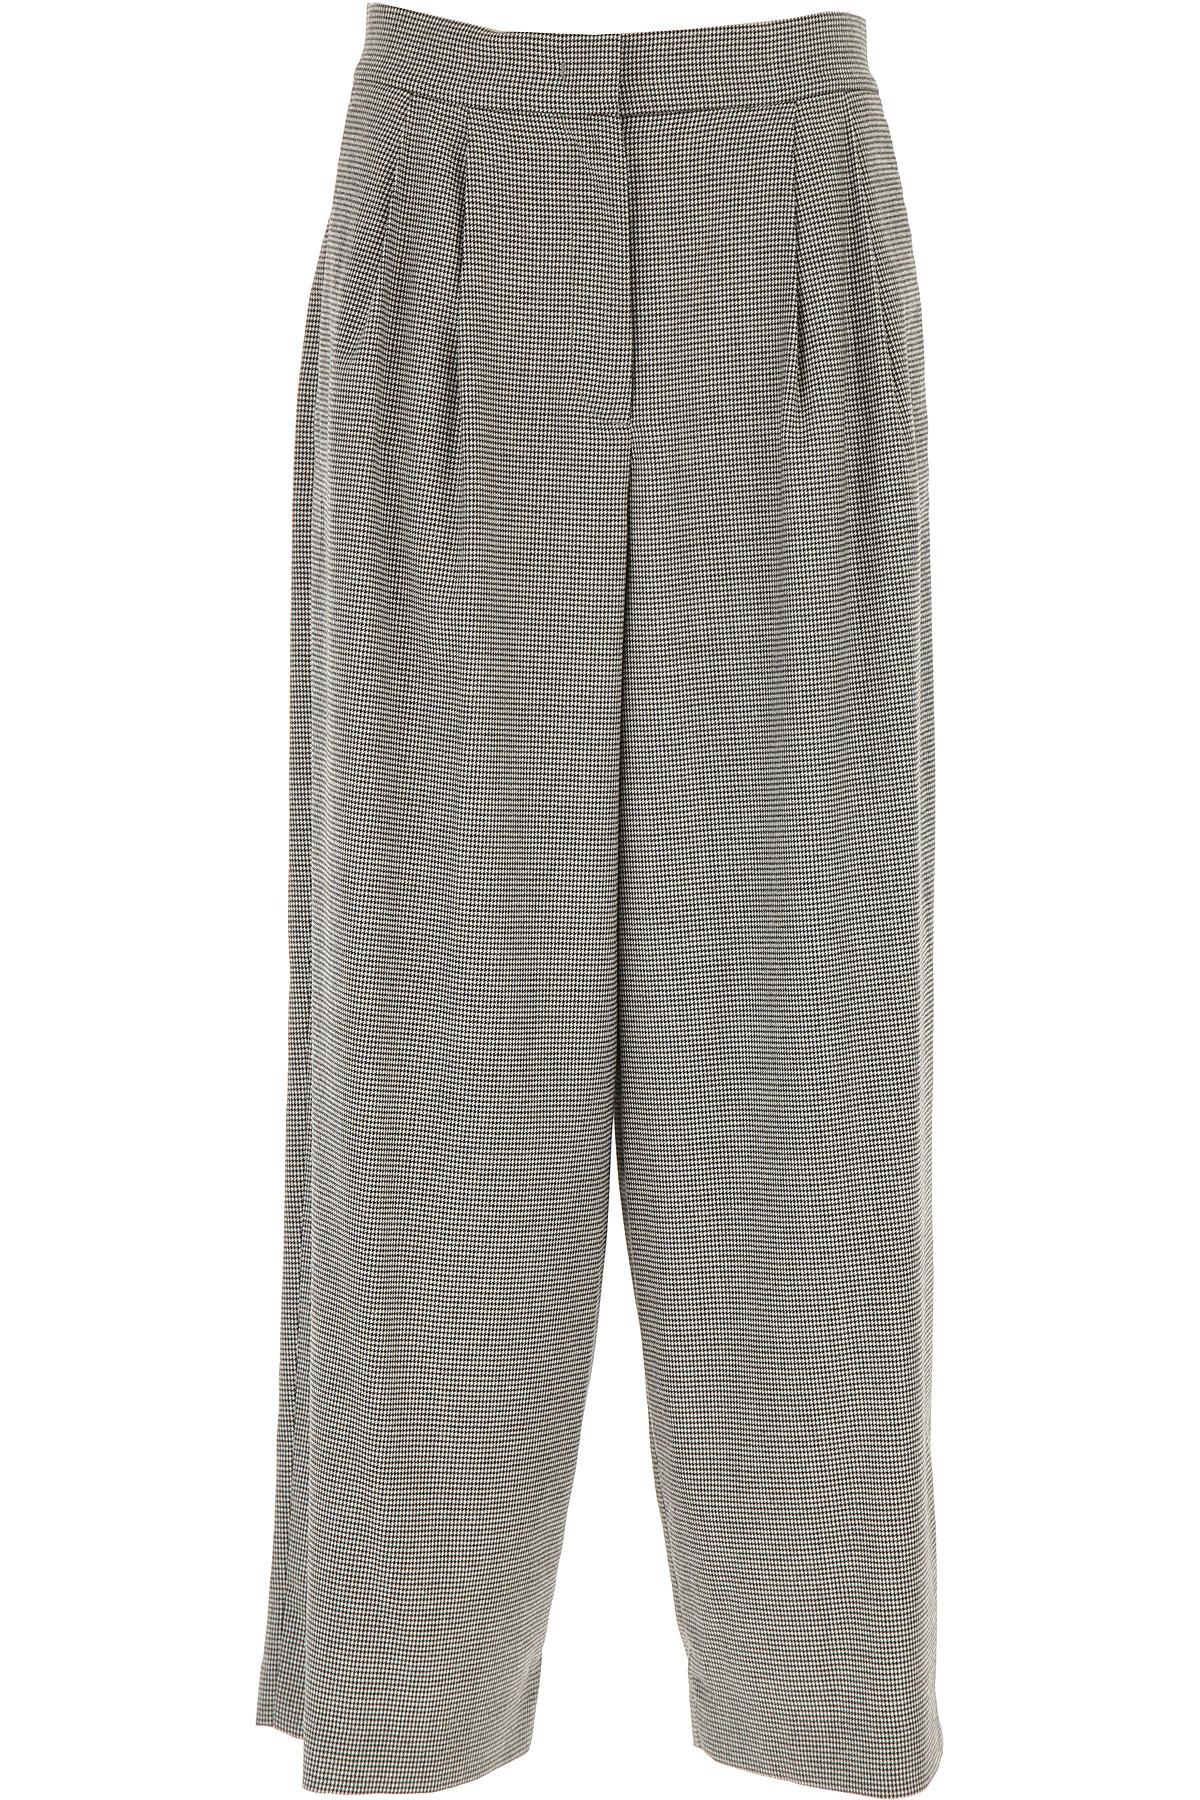 Fabiana Filippi Pants for Women On Sale, White, Virgin wool, 2019, 24 28